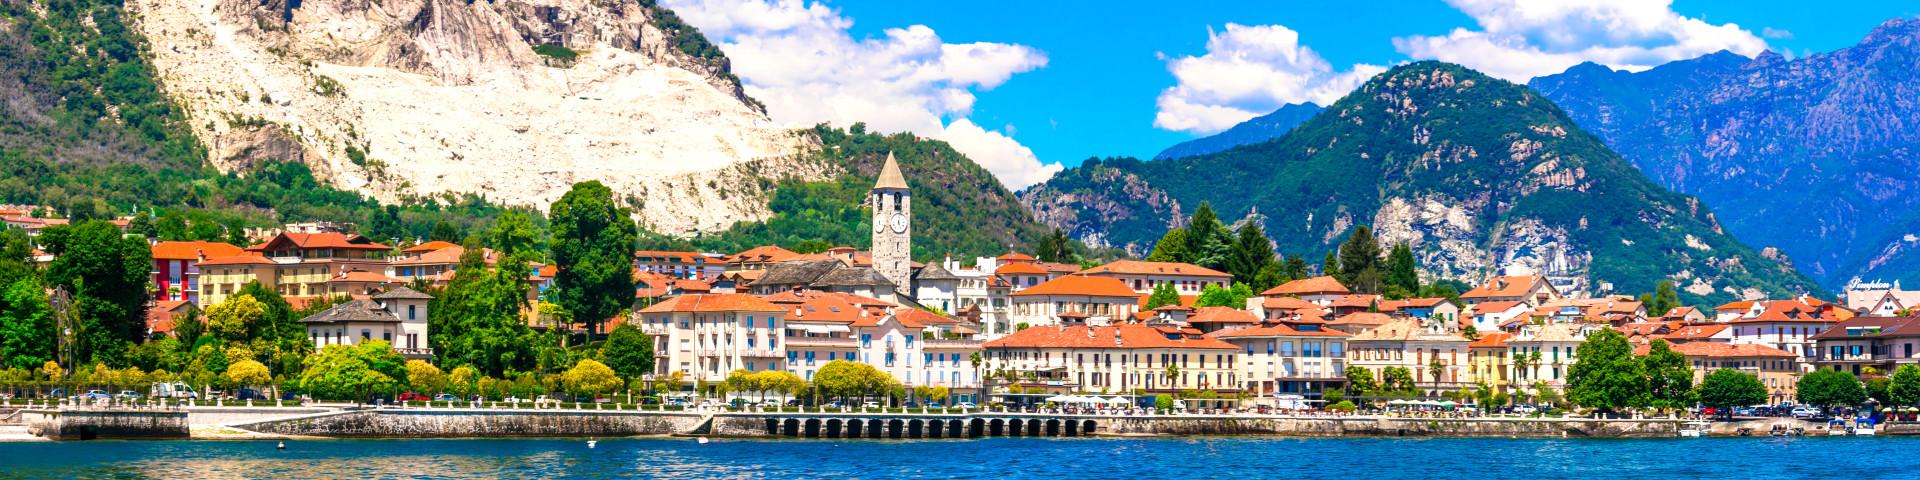 Lago Maggiore - městečko Baveno